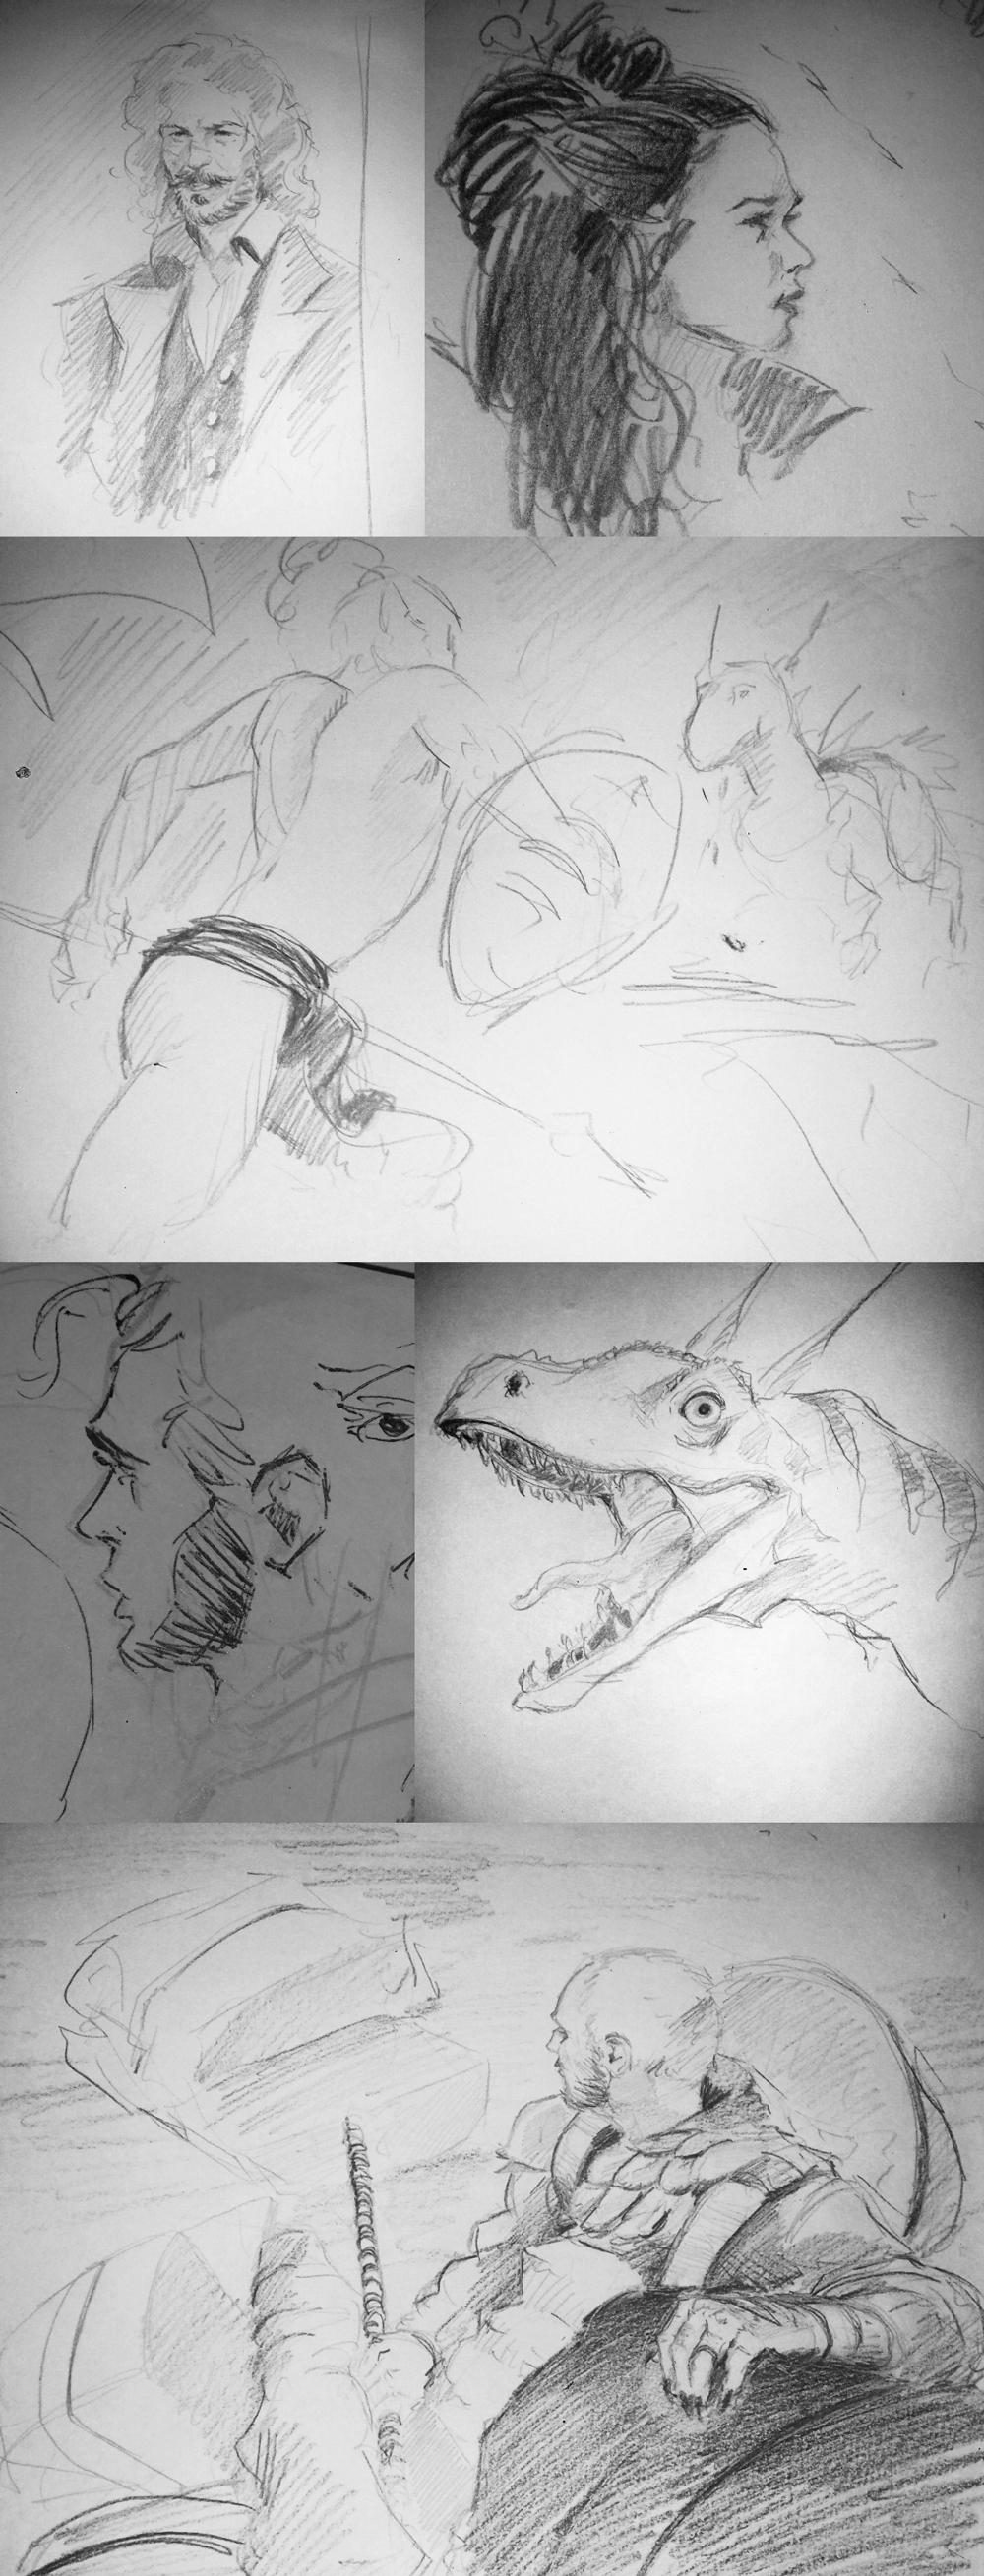 Galerie de dessins, illustrations, divers travaux...  - Page 6 1478613352-1